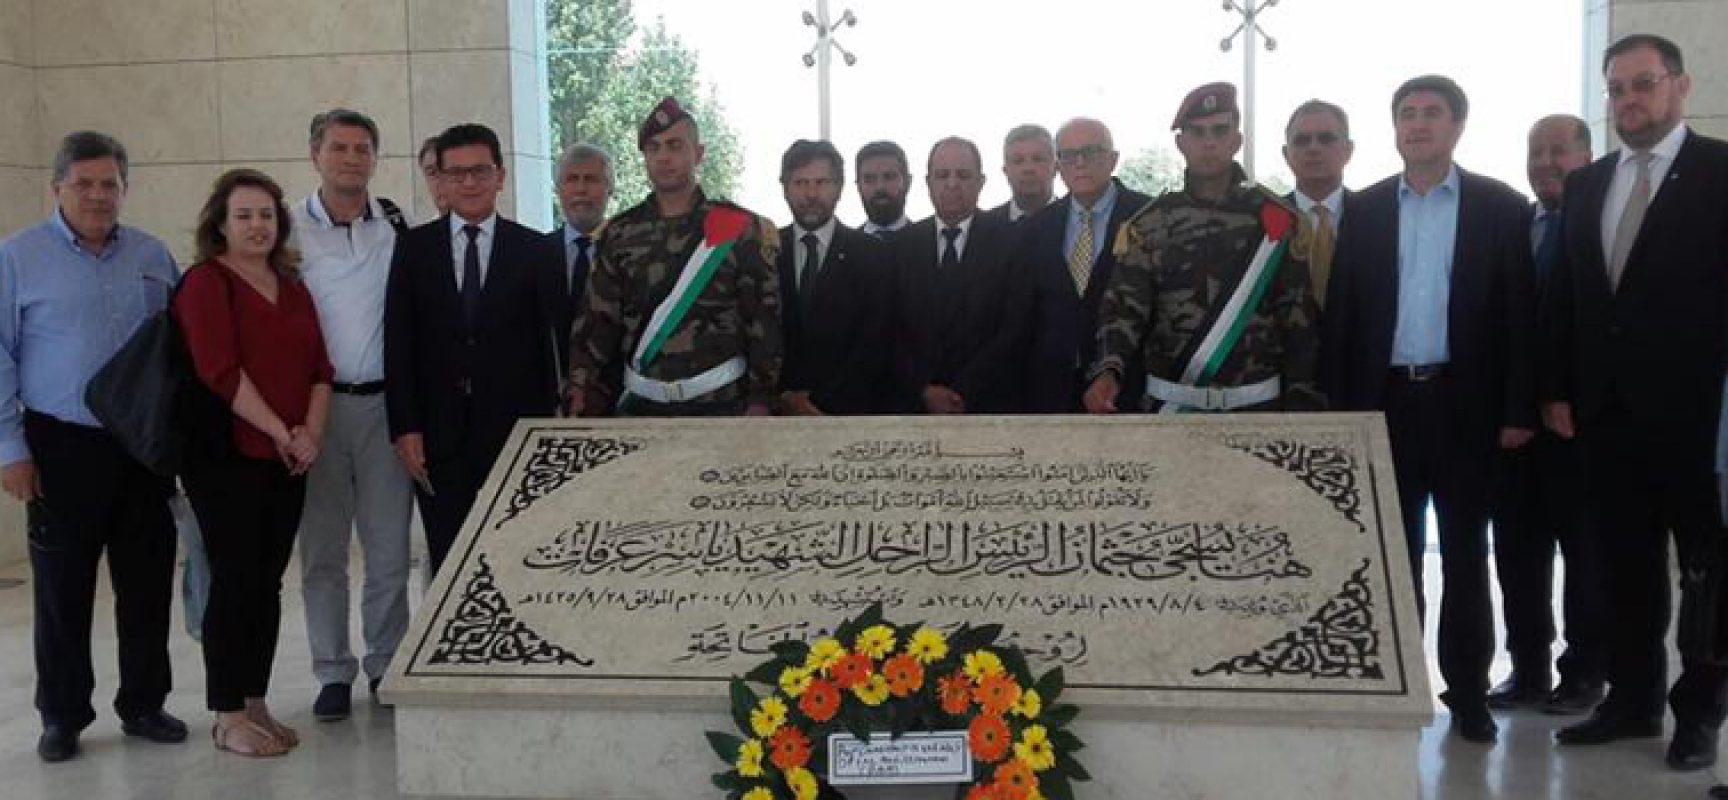 Assemblea Parlamentare del Mediterraneo, il senatore Amoruso in visita in Palestina / FOTO